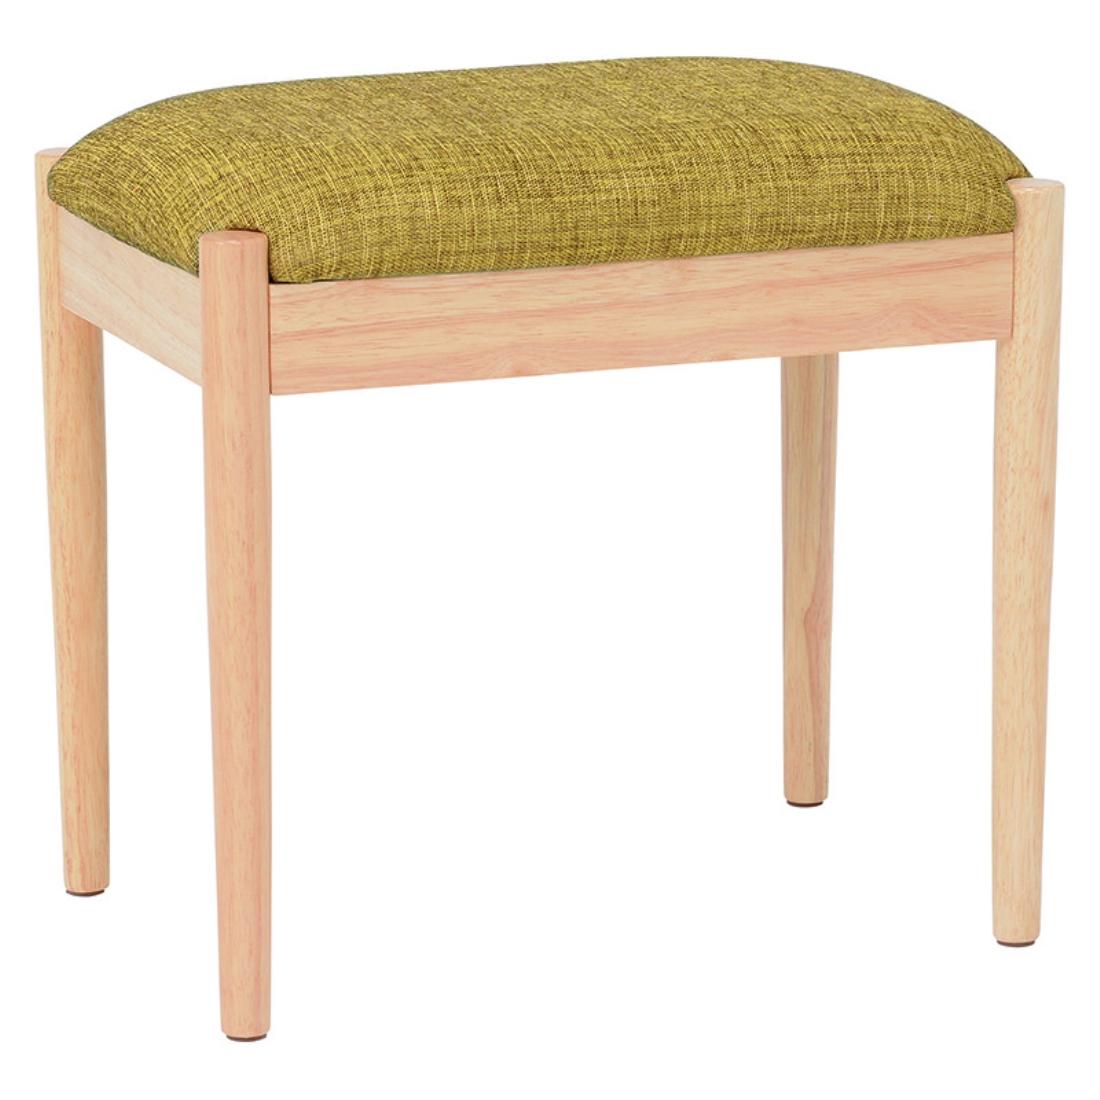 チェア スツール 木製 1脚 チェアー 椅子